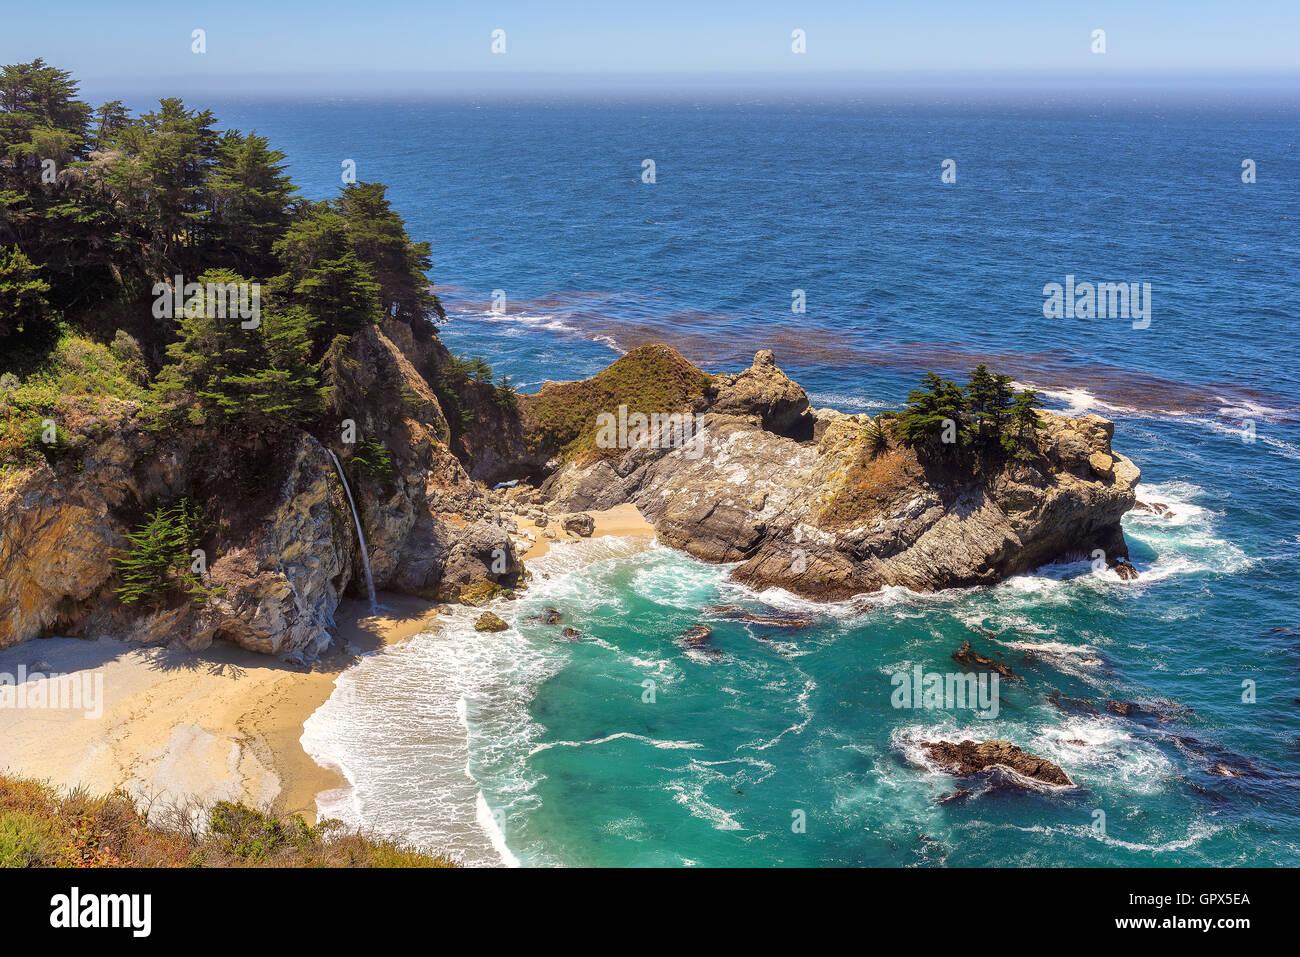 Hermosa playa y cae sobre la costa de California Imagen De Stock